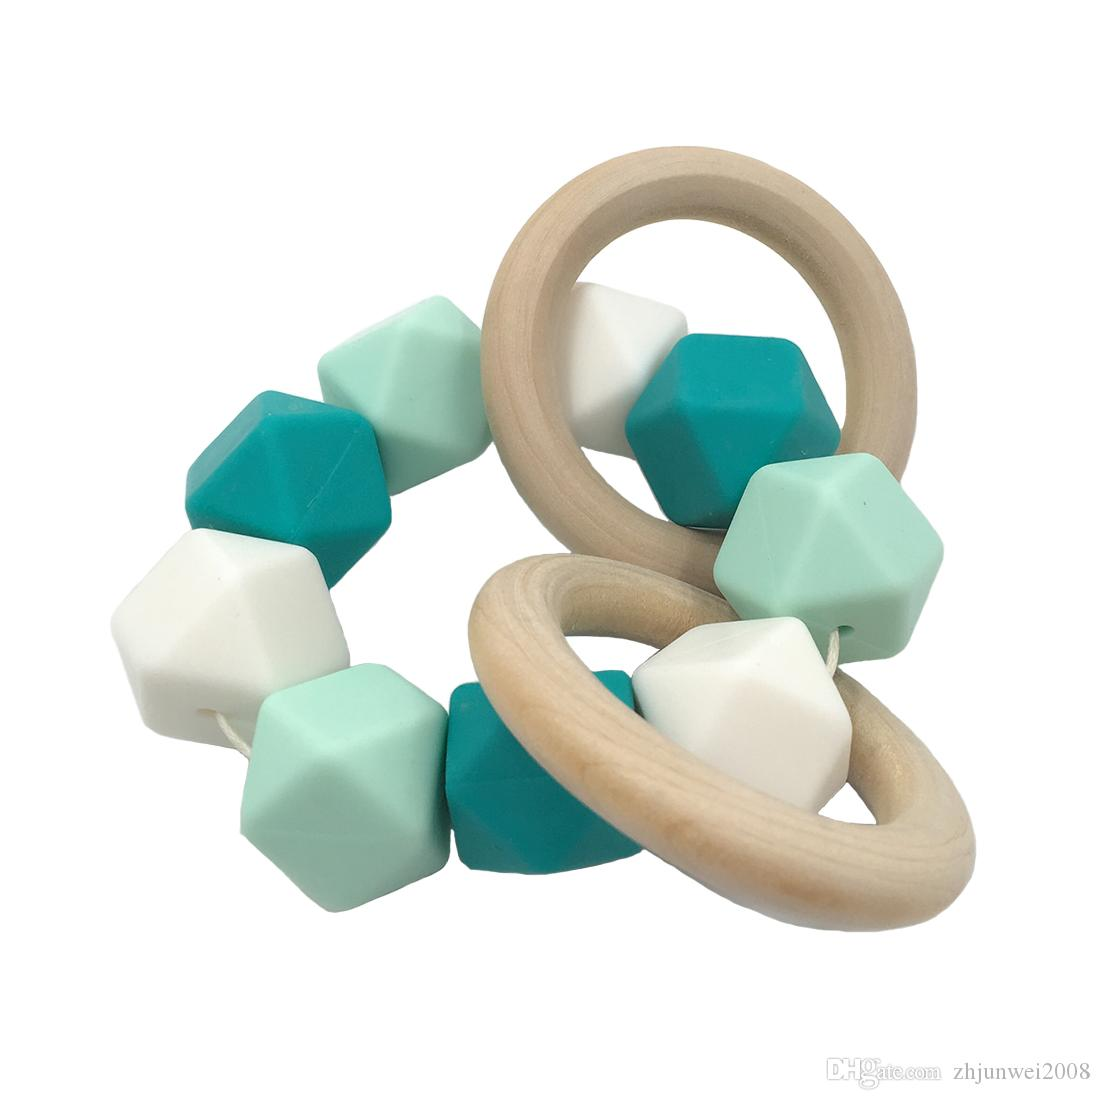 혼합 된 색상 0.67in 17mm 기하학적 육각형 실리콘 구슬 아기 Teether 목걸이 / 팔찌에 대 한 DIY Baby Teether Bracelet Accessorie